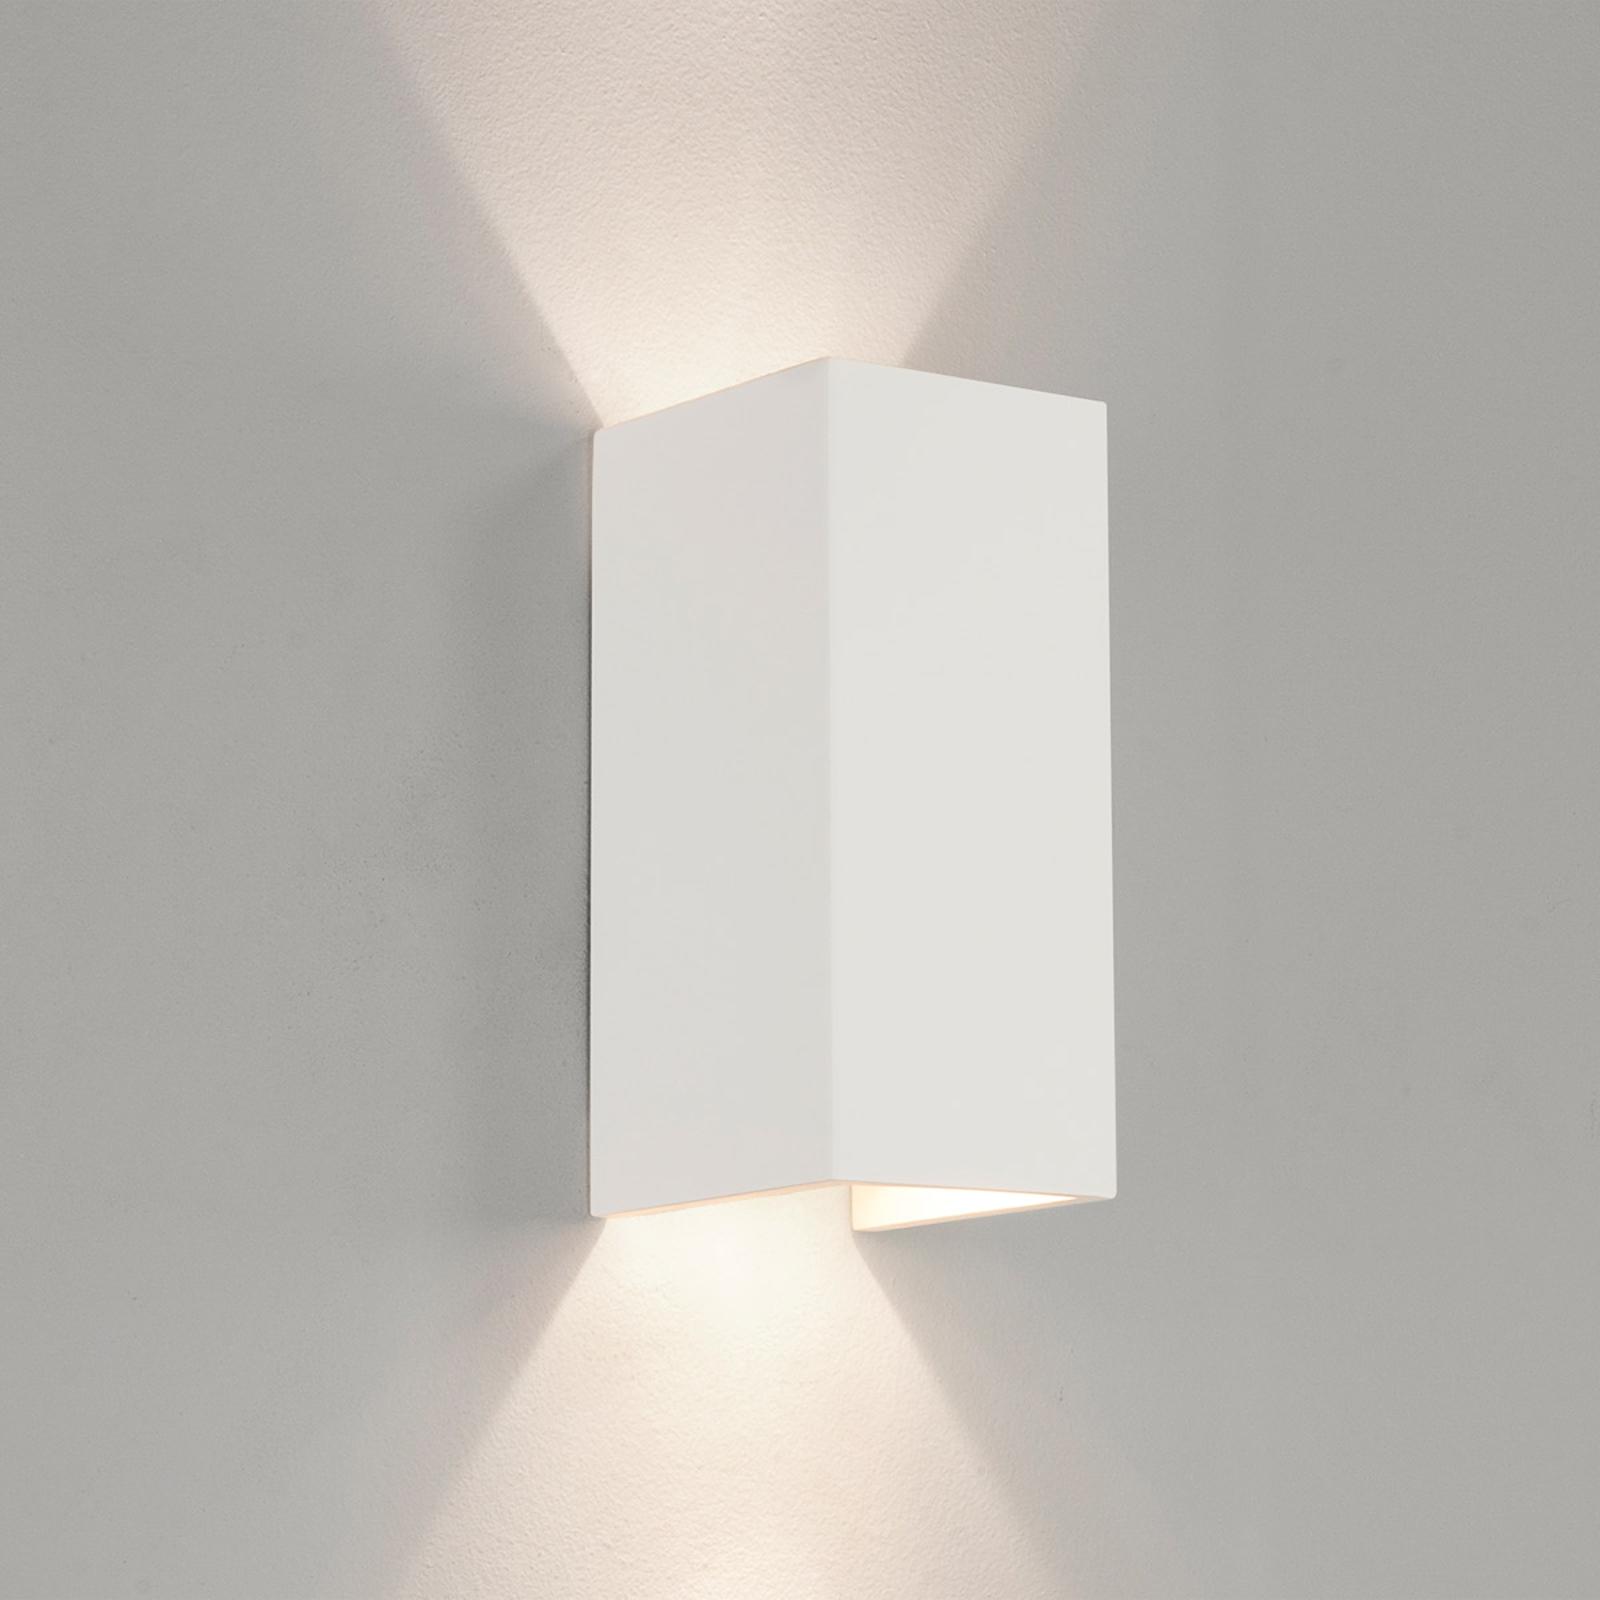 Astro Parma 210 applique blanche